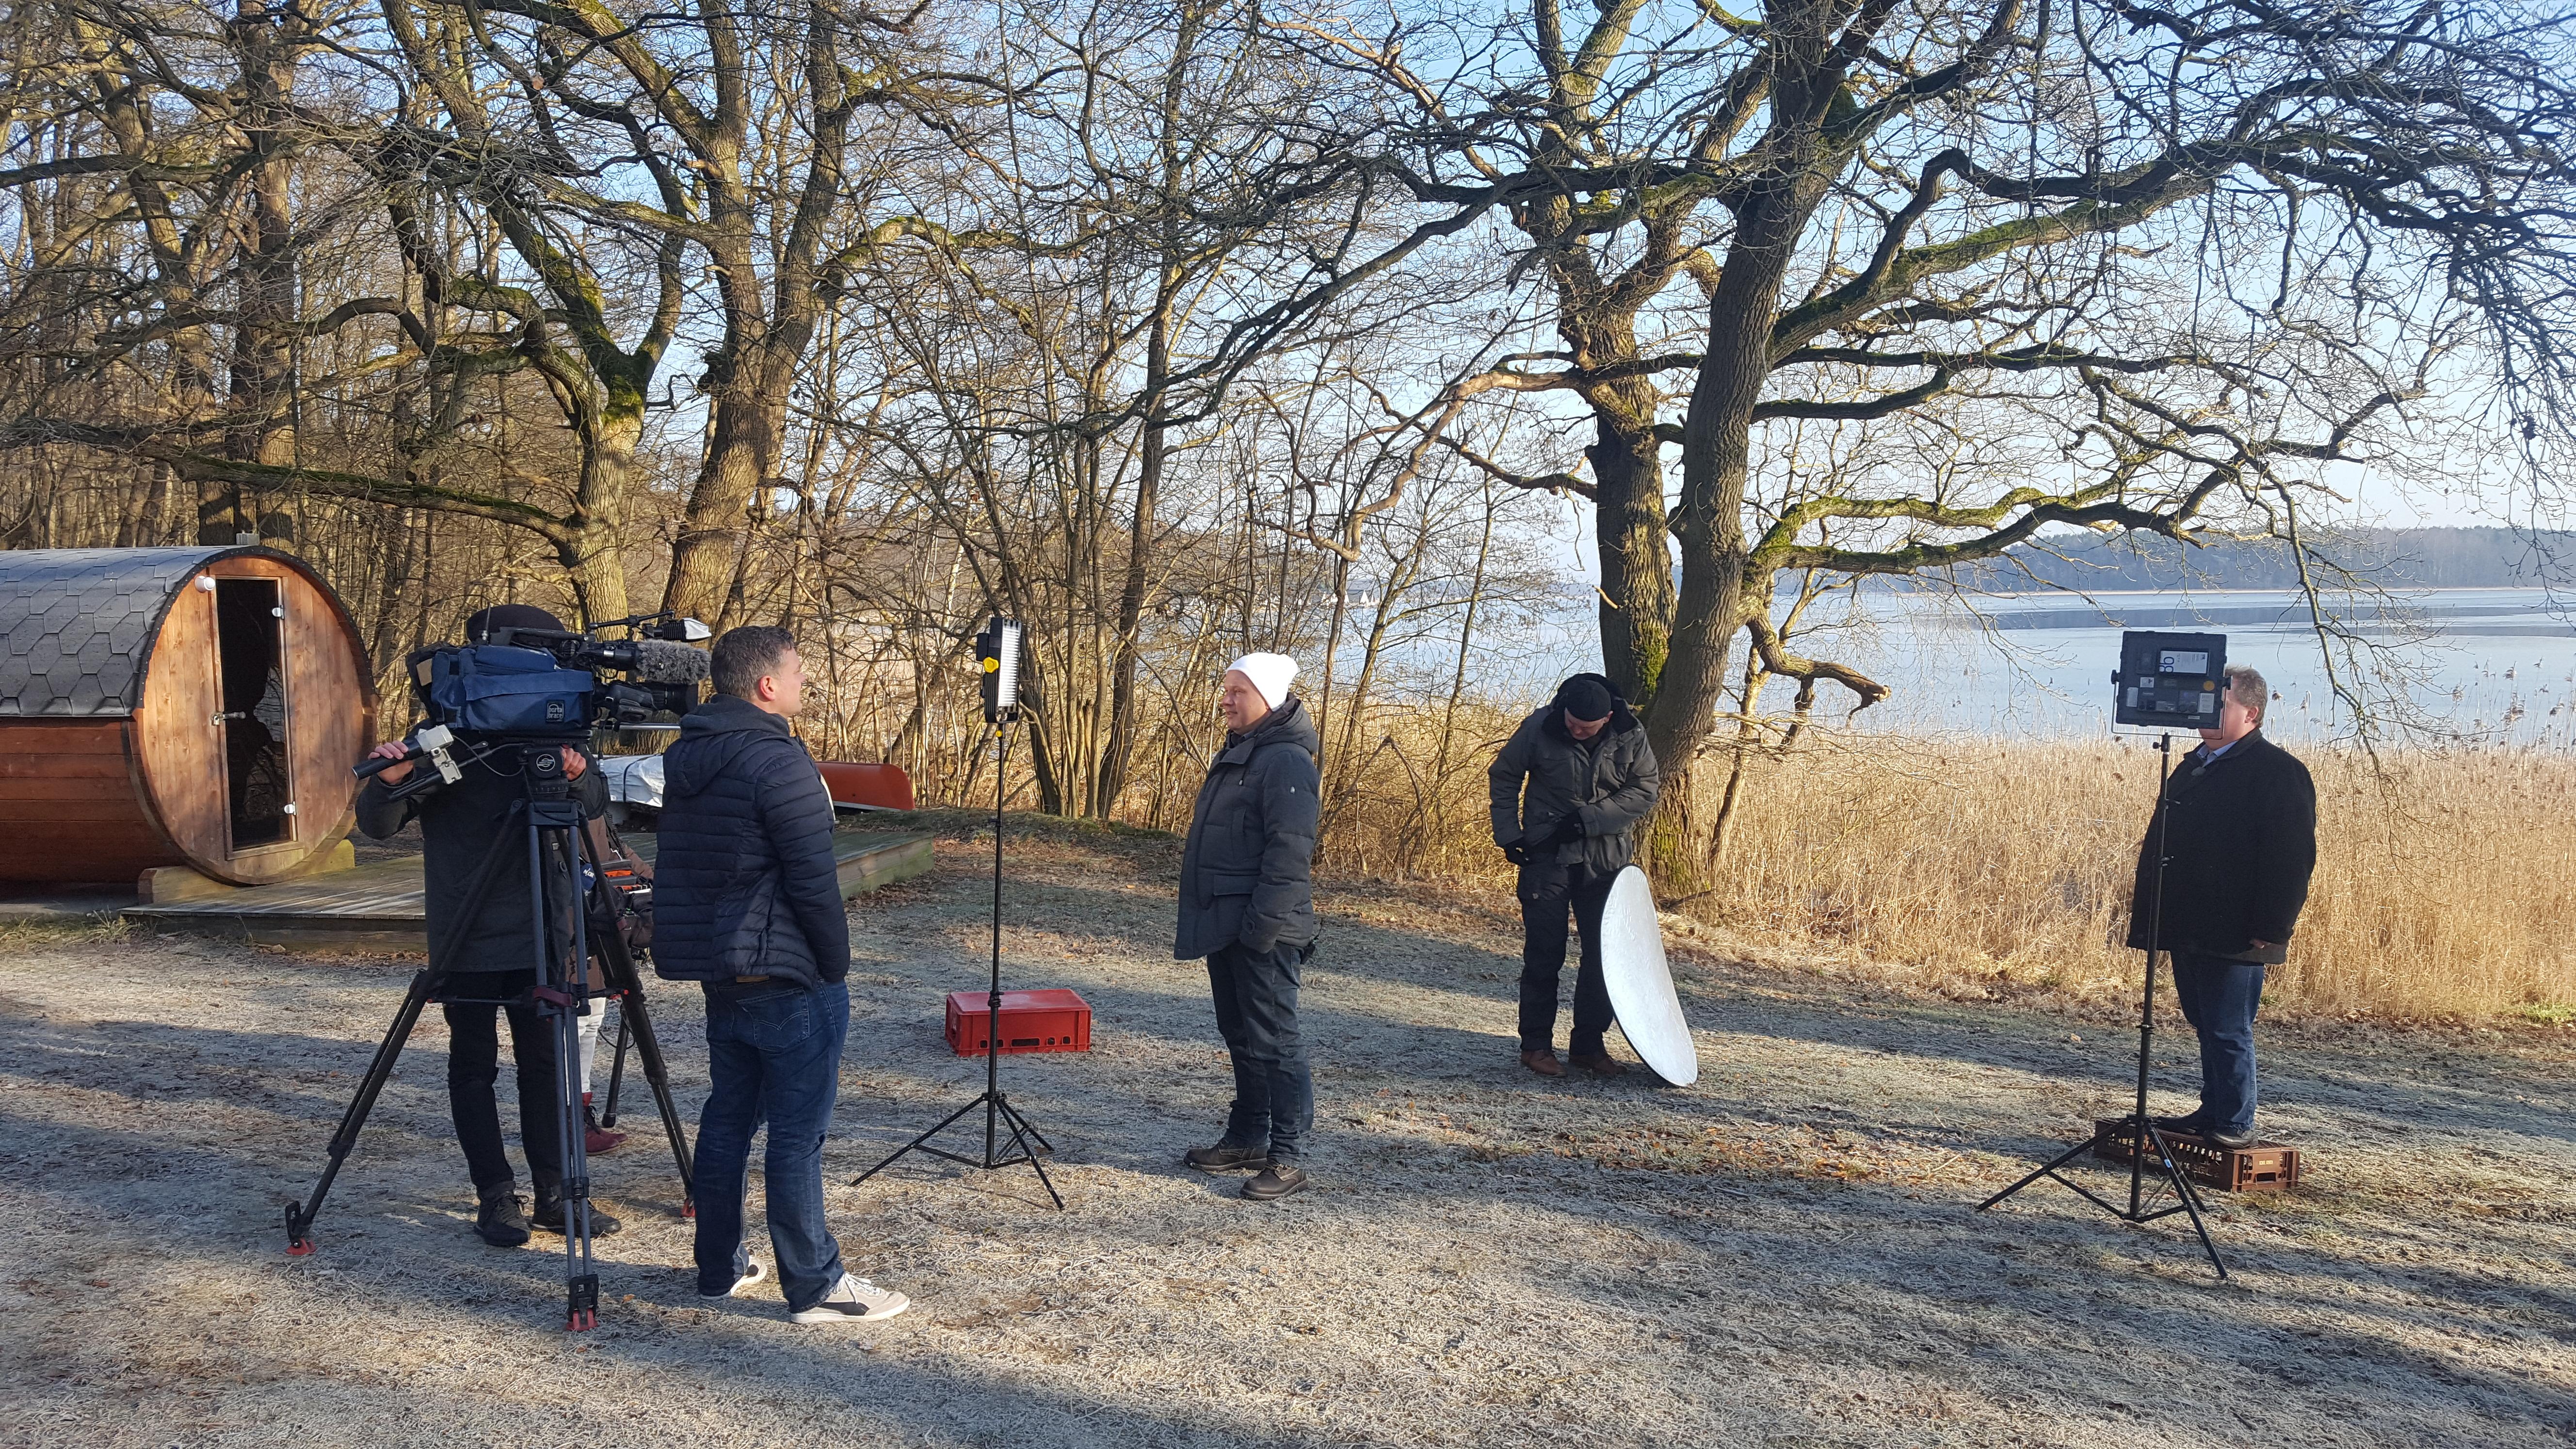 Filmteam NDR Nordmagazin Kurtaxe Ferienidyll am Rätzsee- Camping bei Motte